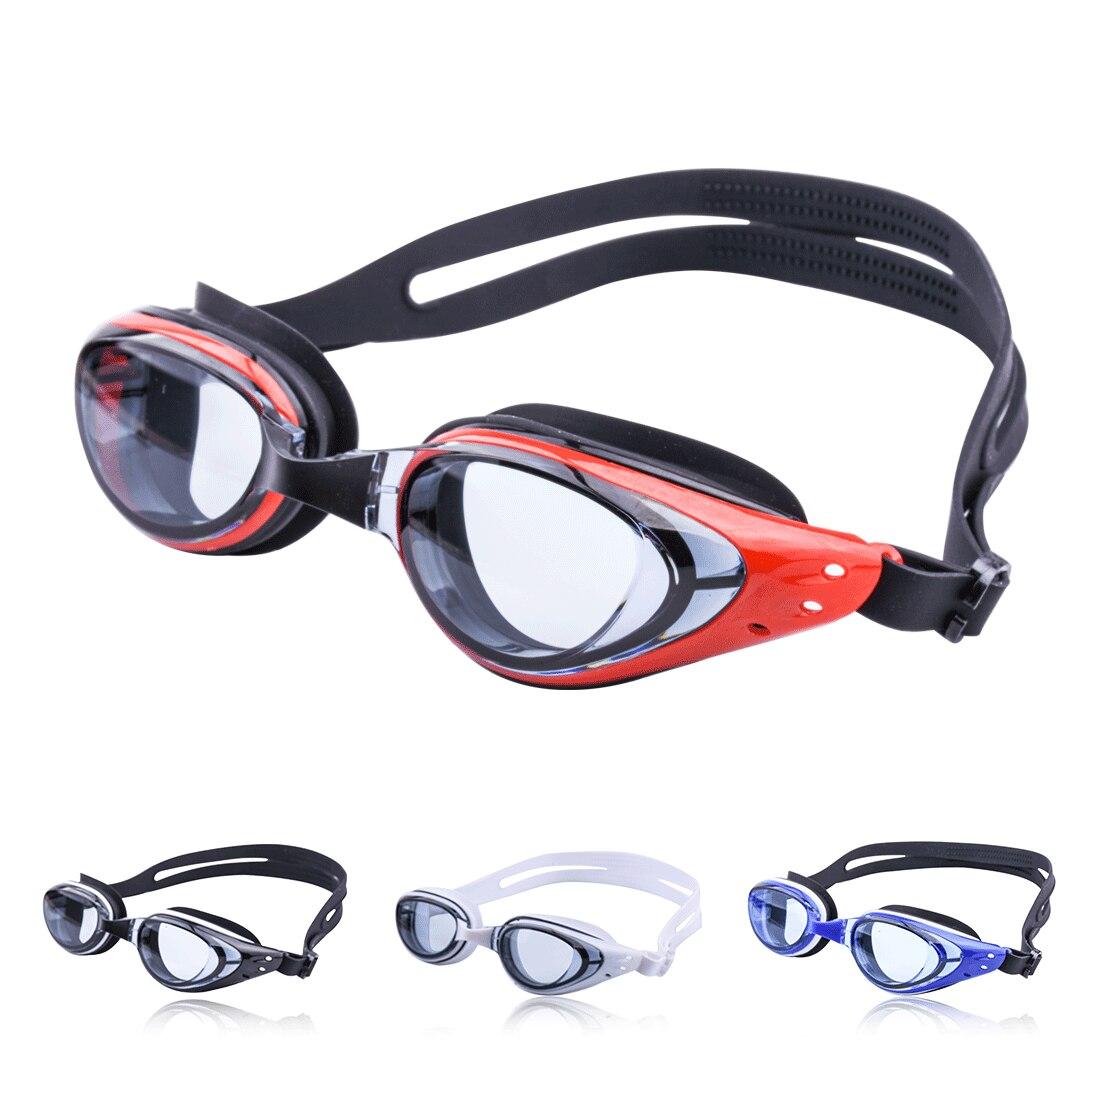 Плавательные очки для близорукости по рецепту водонепроницаемые